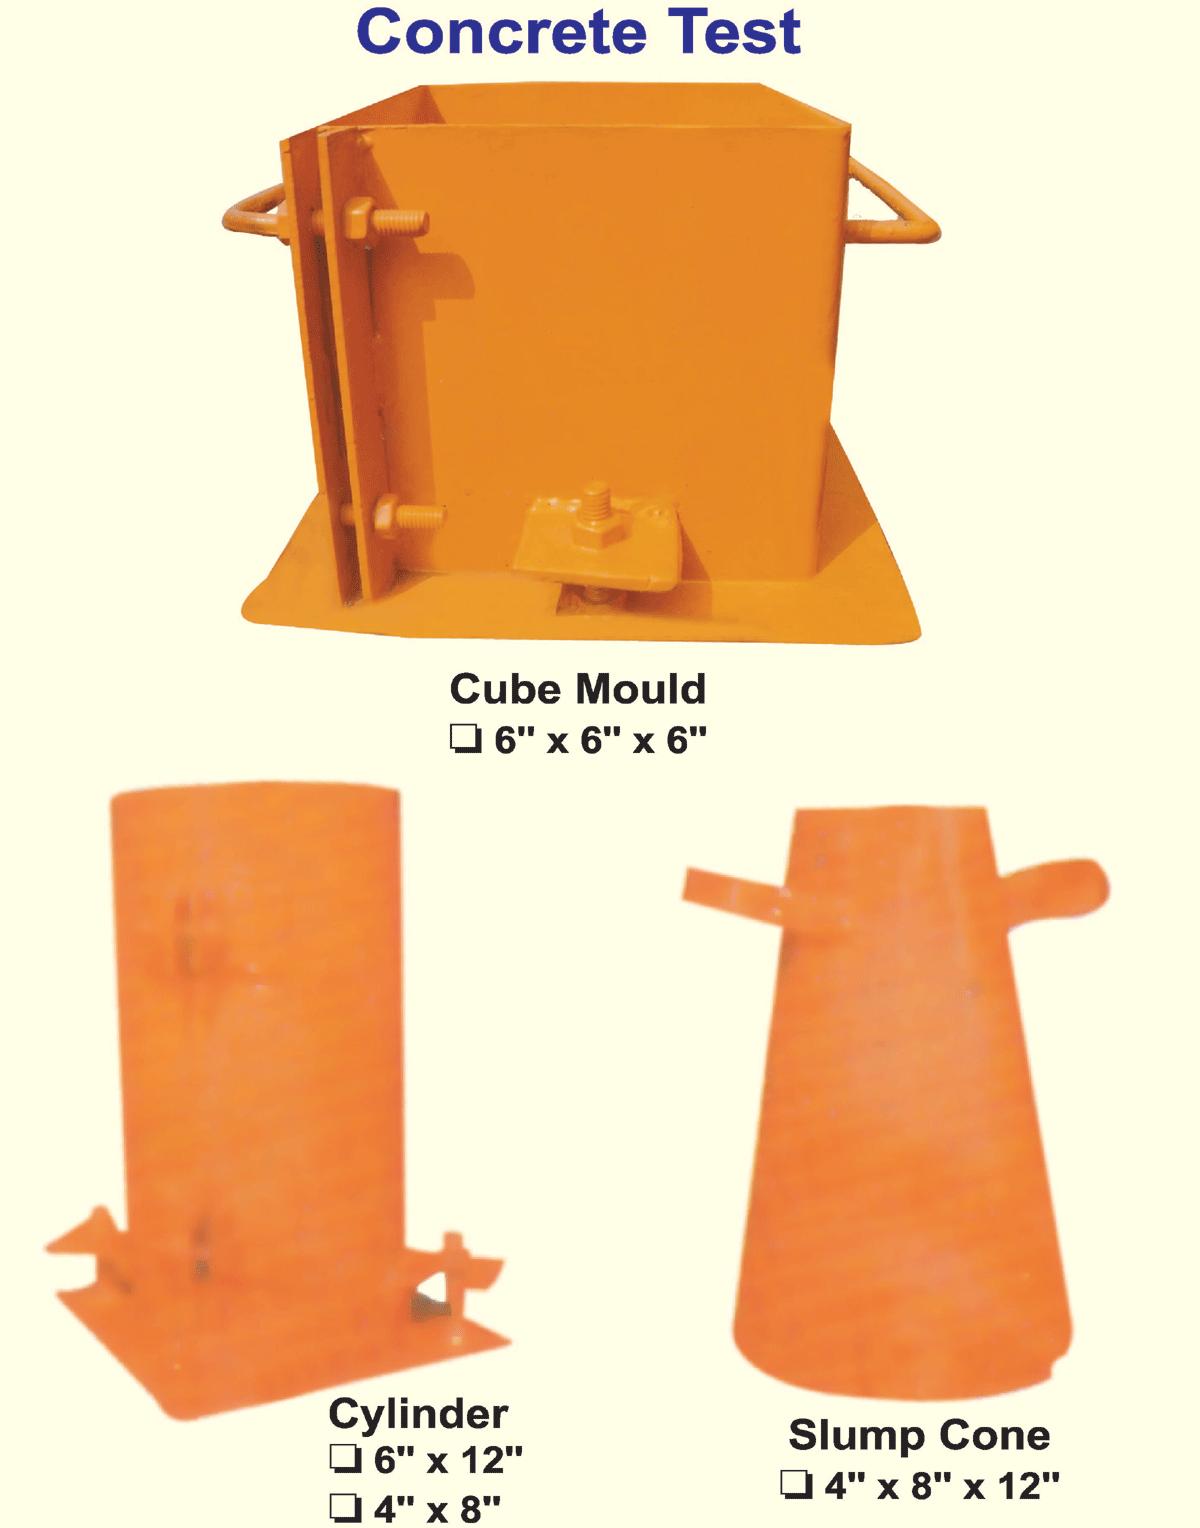 Concrete Test(Cube/Cylinder/Slump)